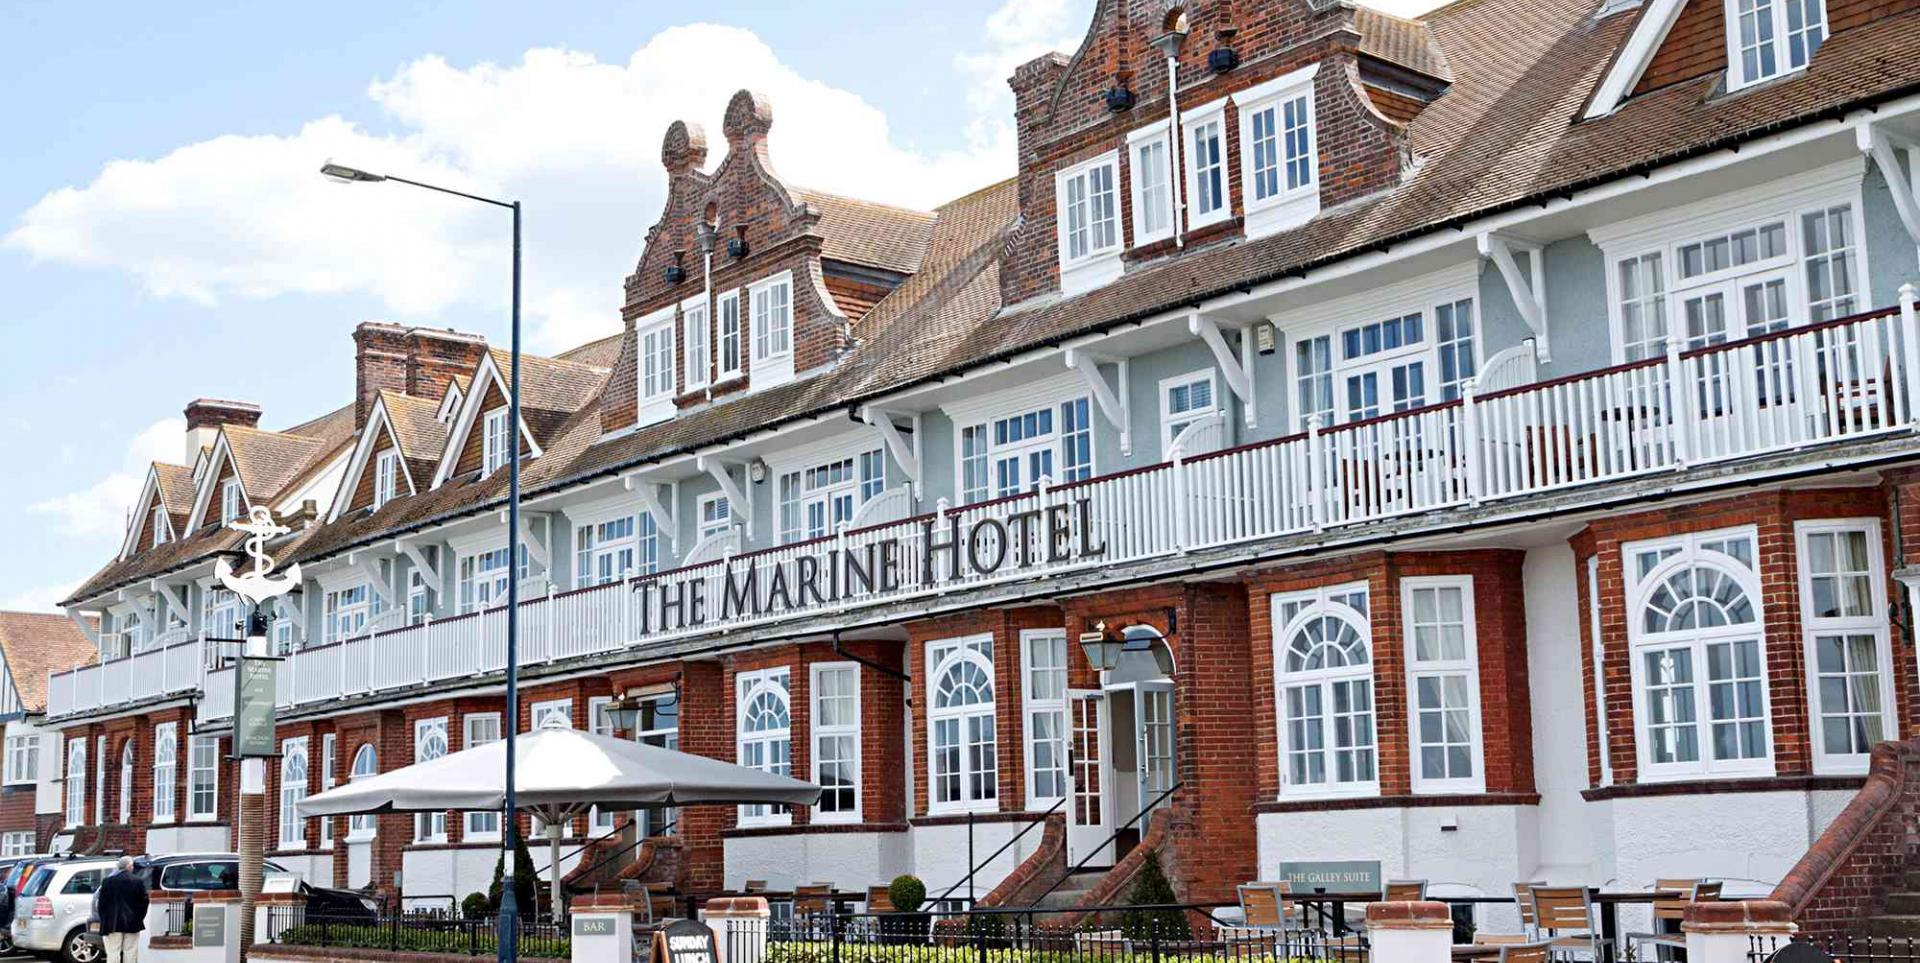 Steelasophical Steel Band Marine Hotel